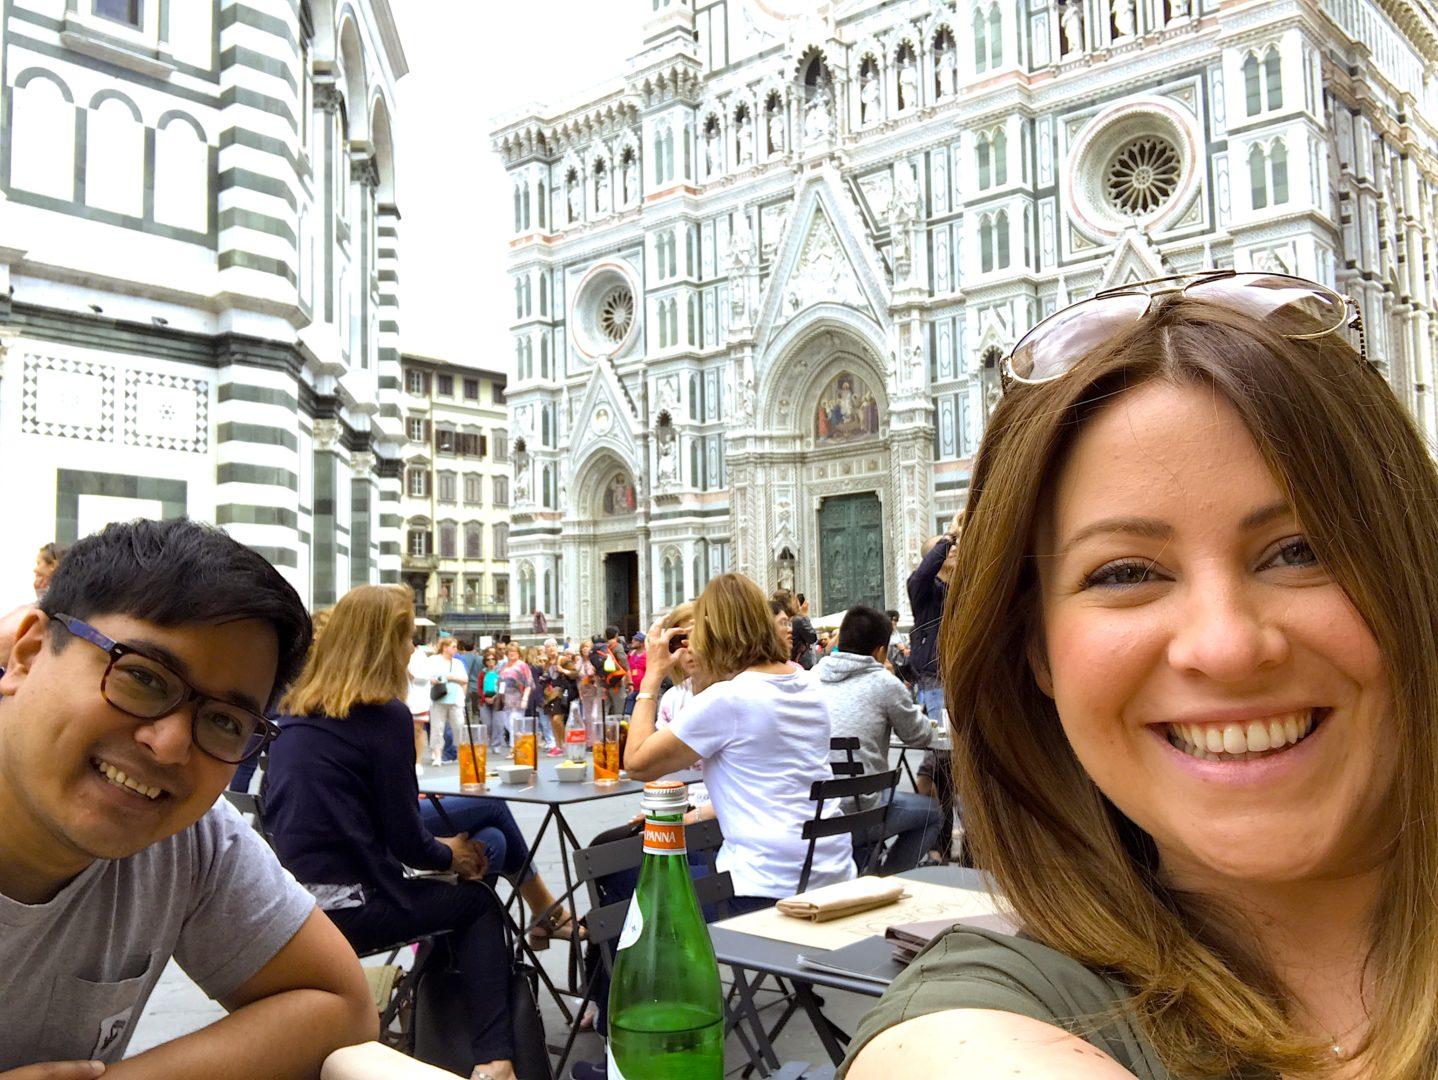 Florence Italy travel blogger The harrogate girl